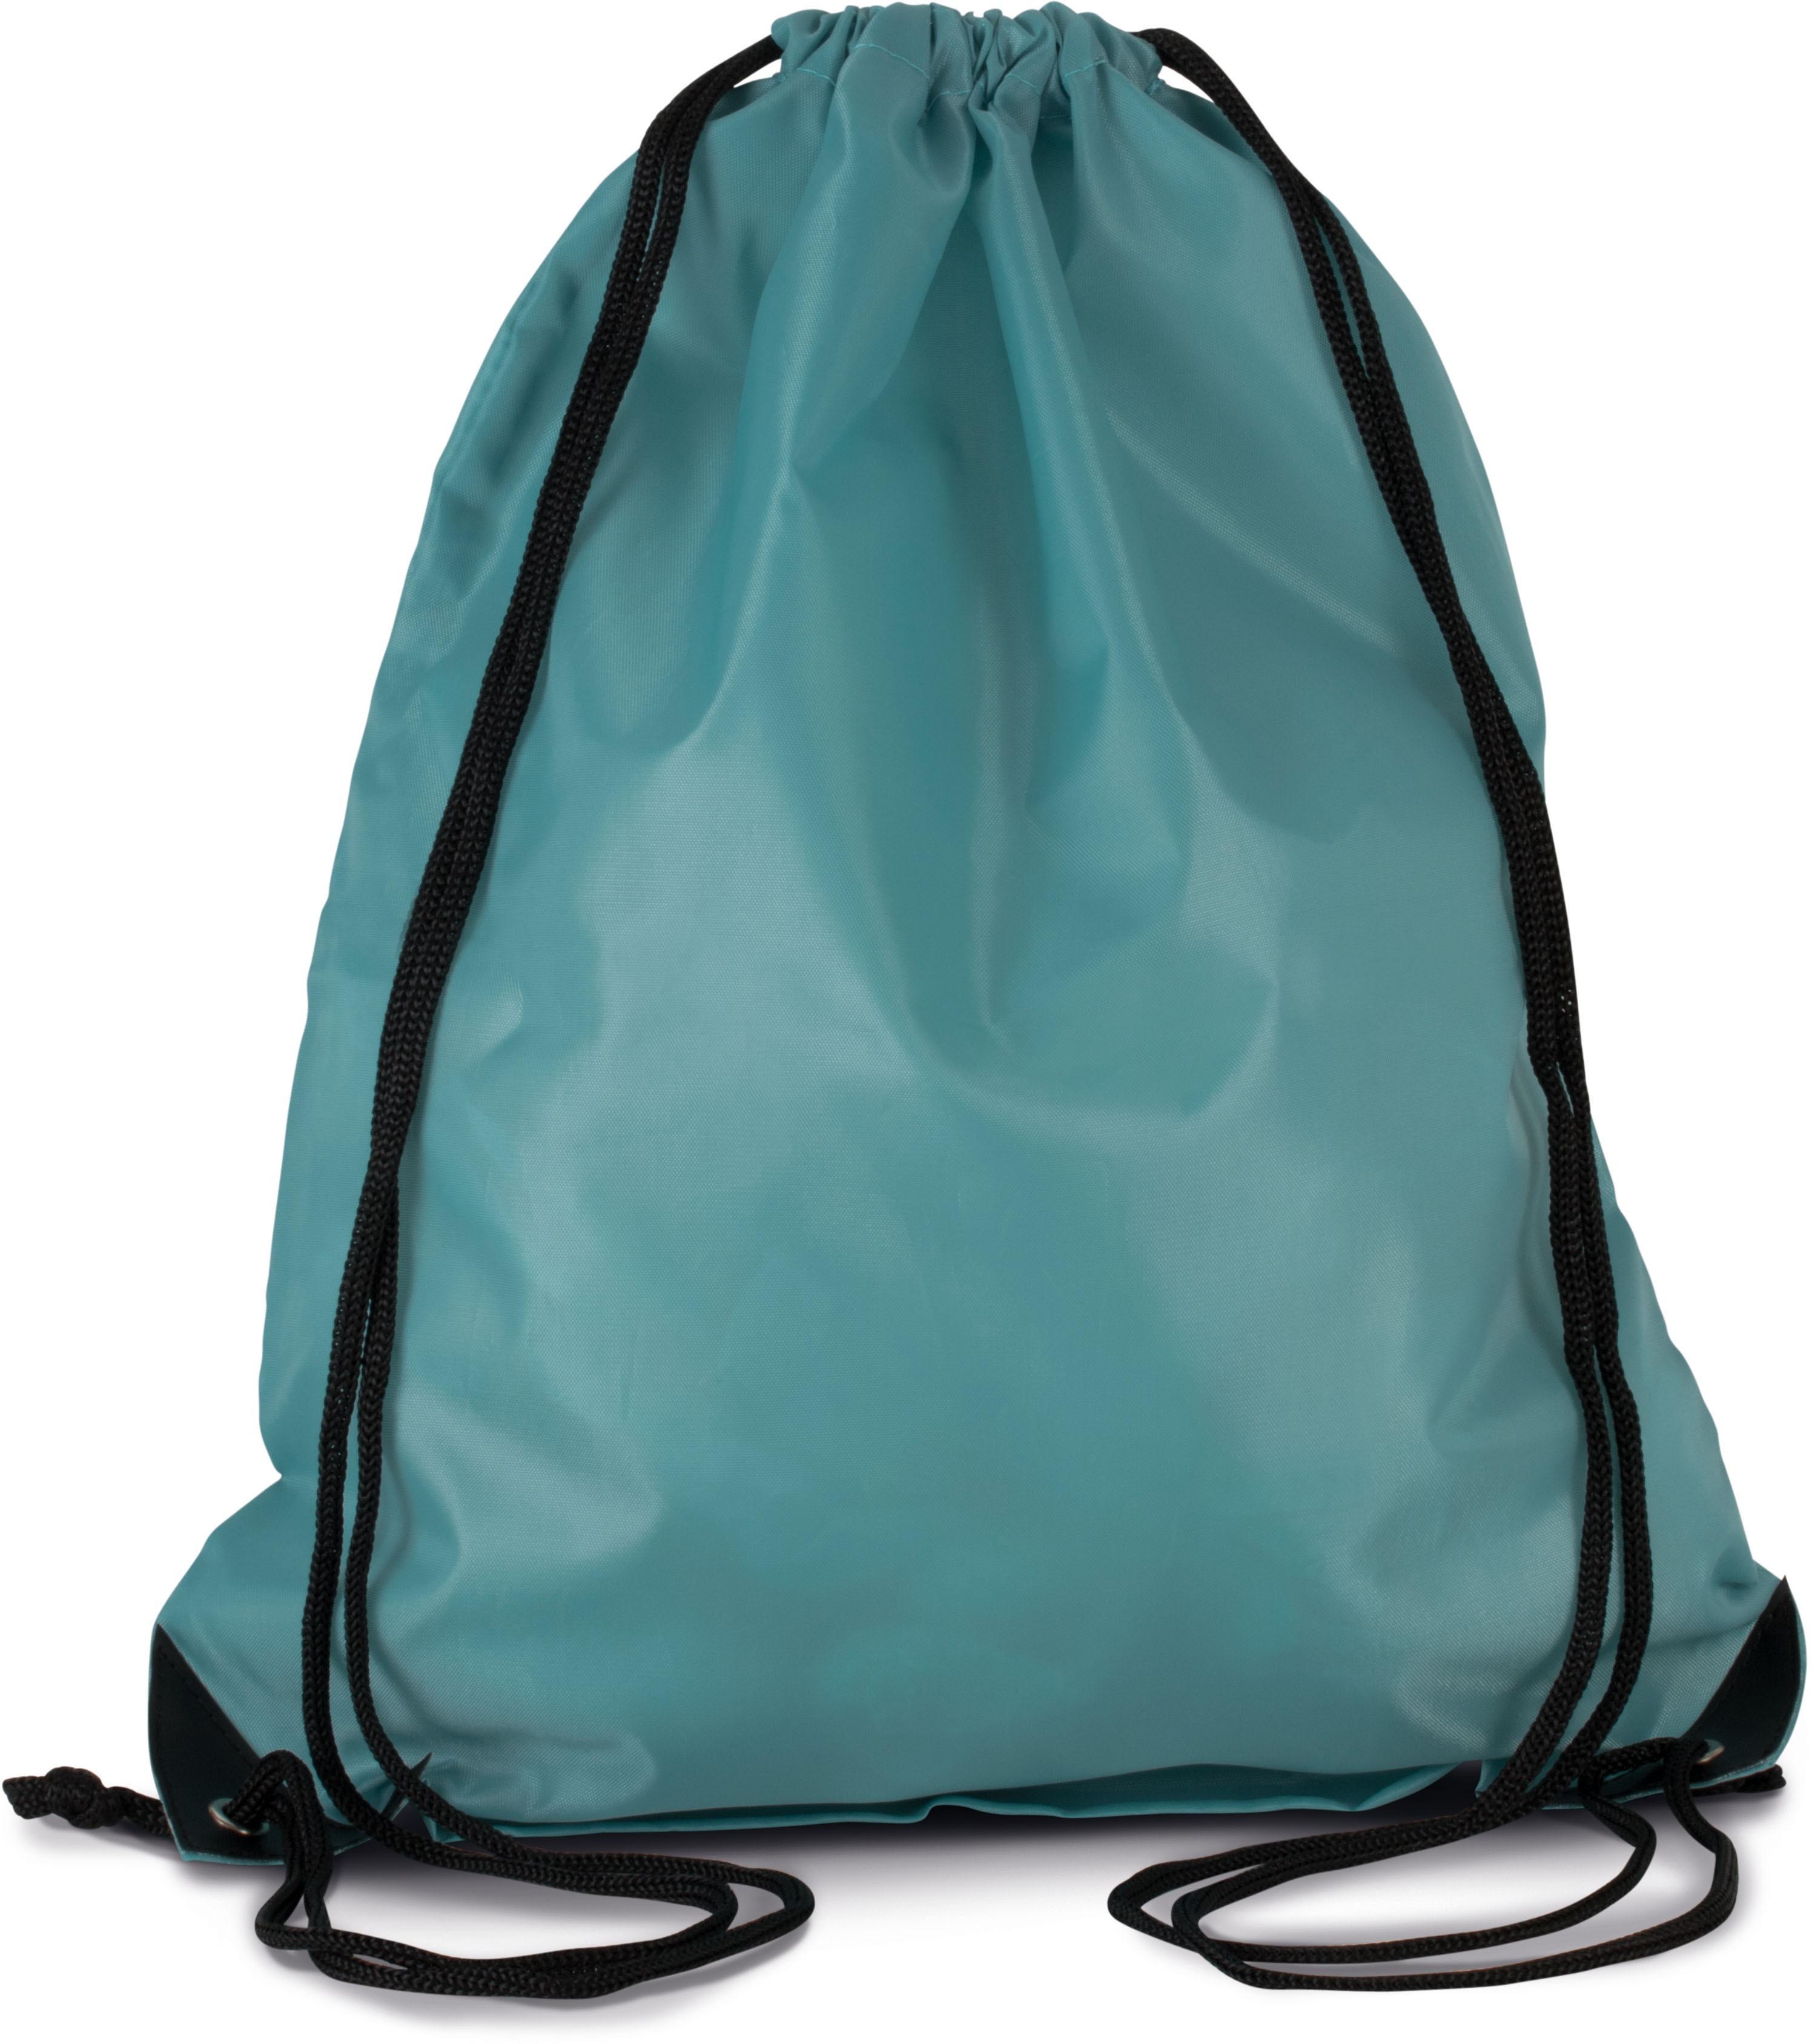 Delphin Blue